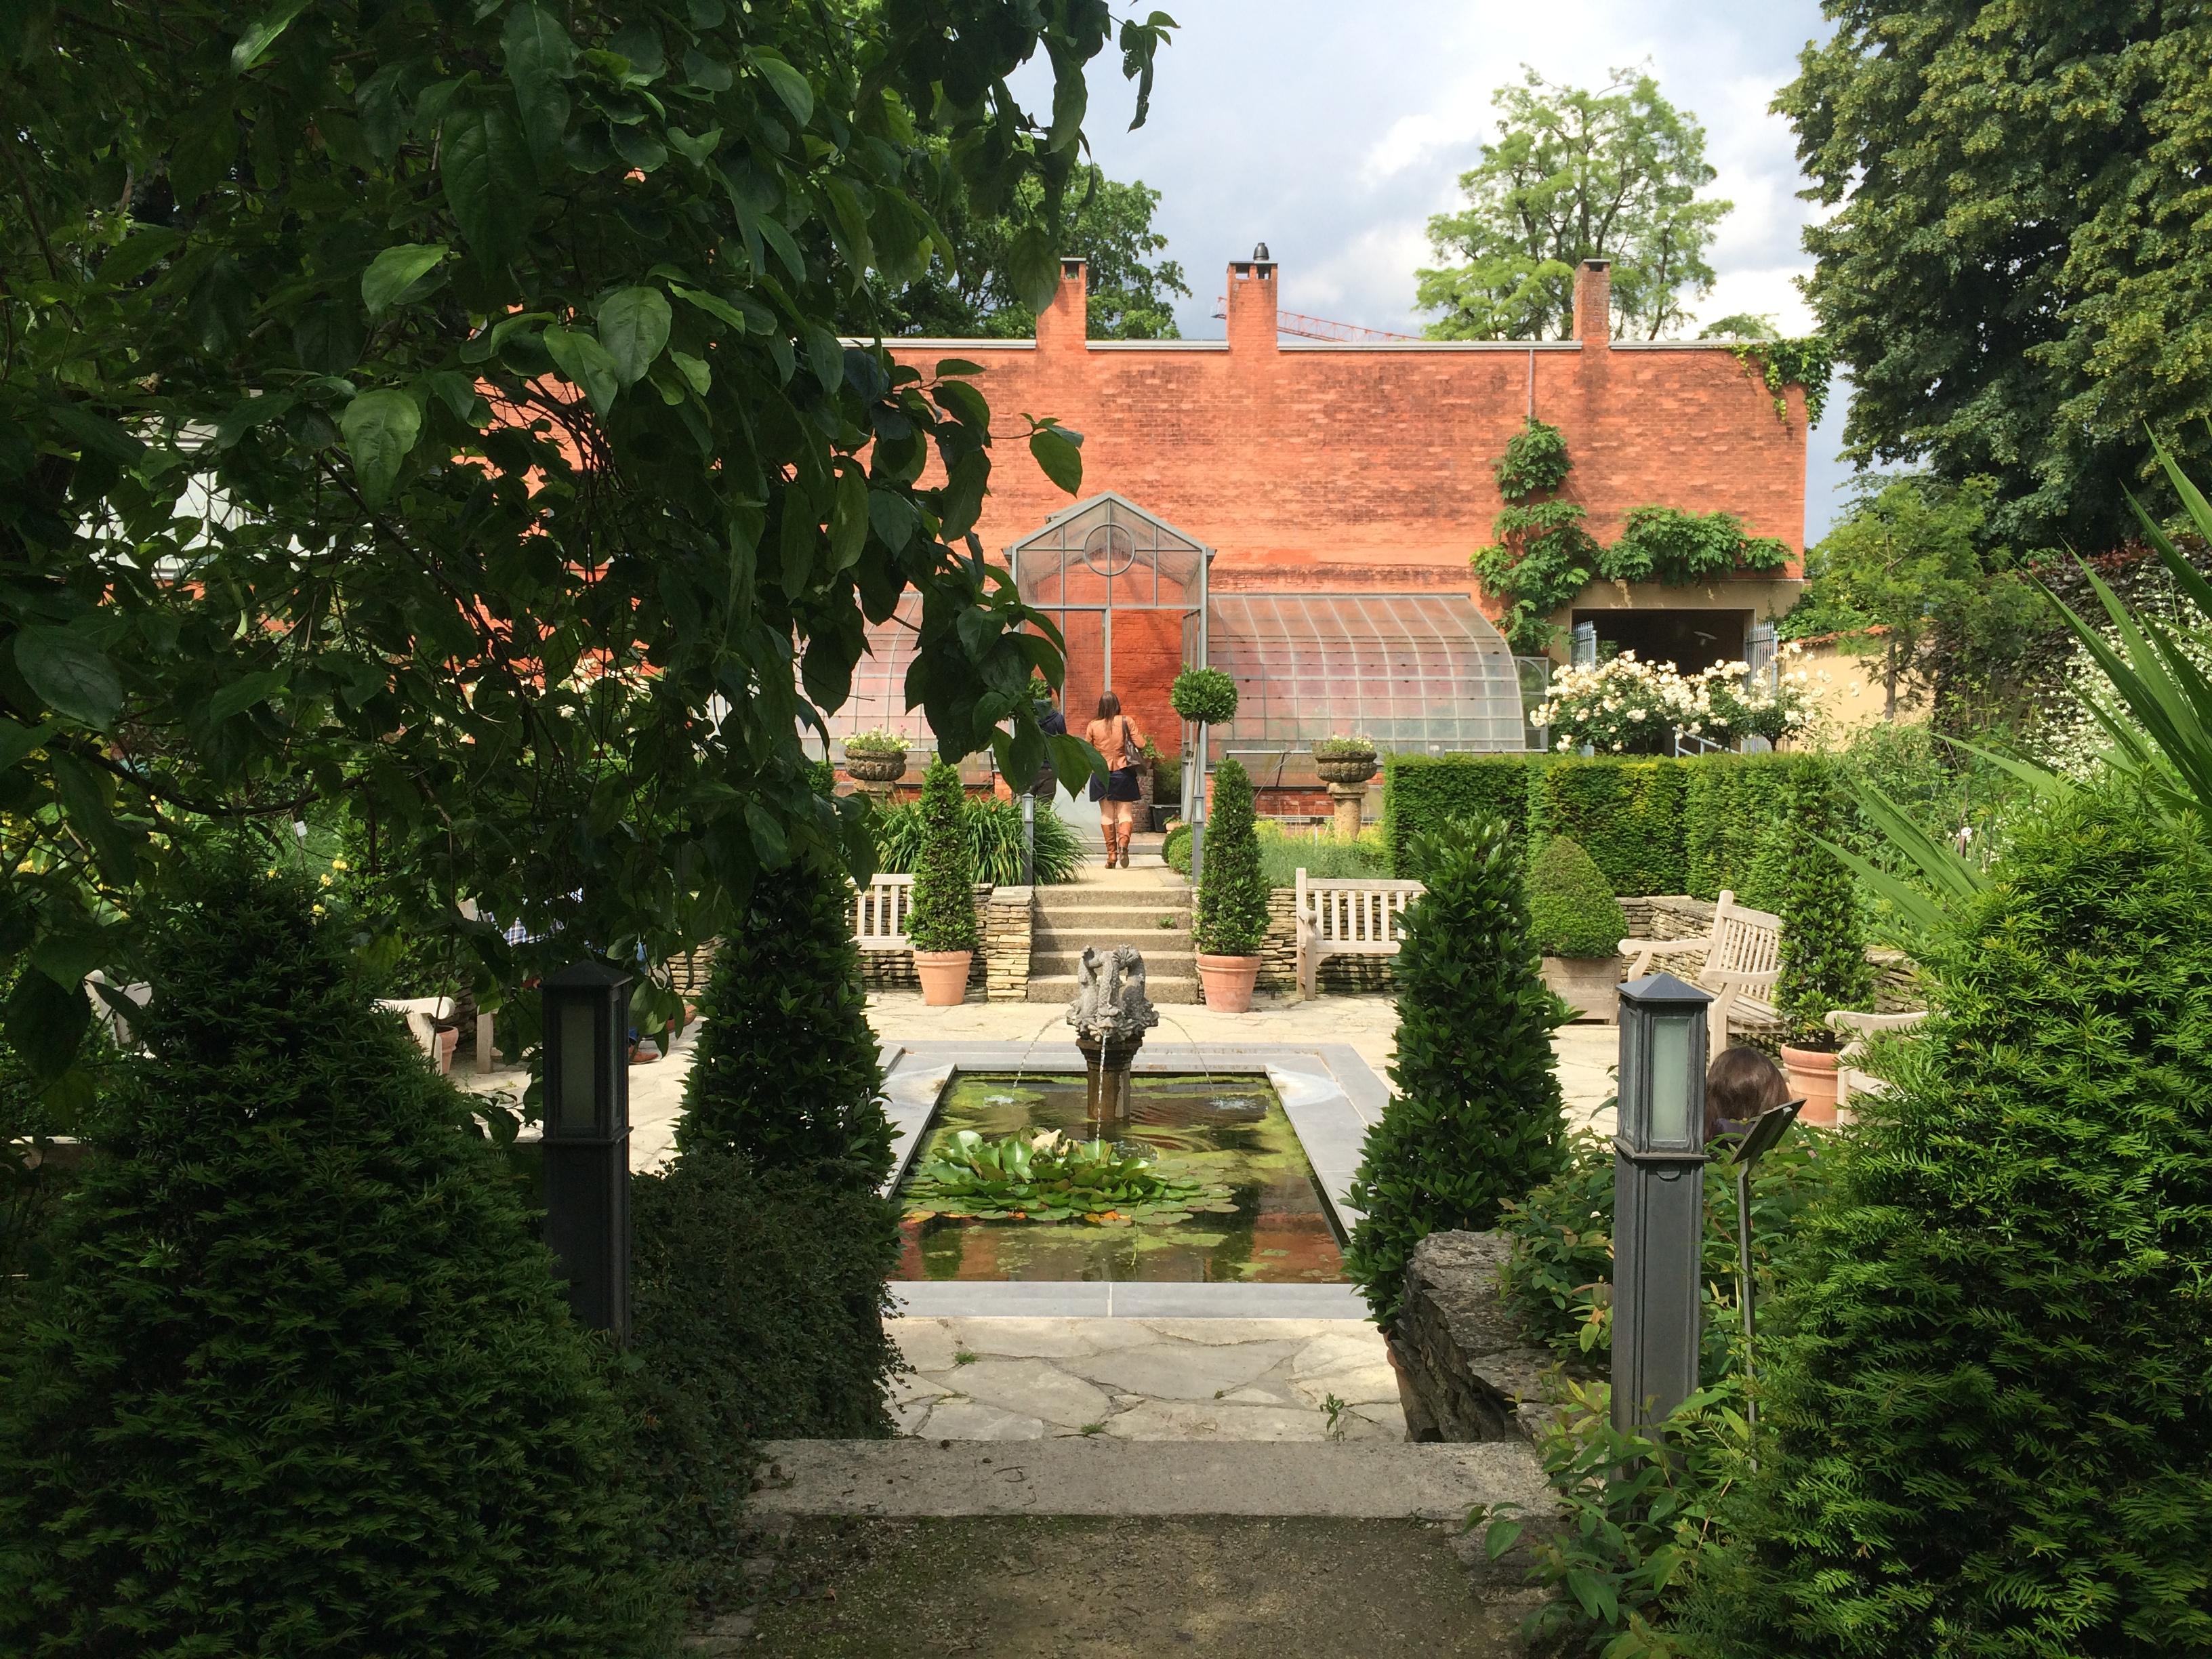 Kruidtuin, Leuven